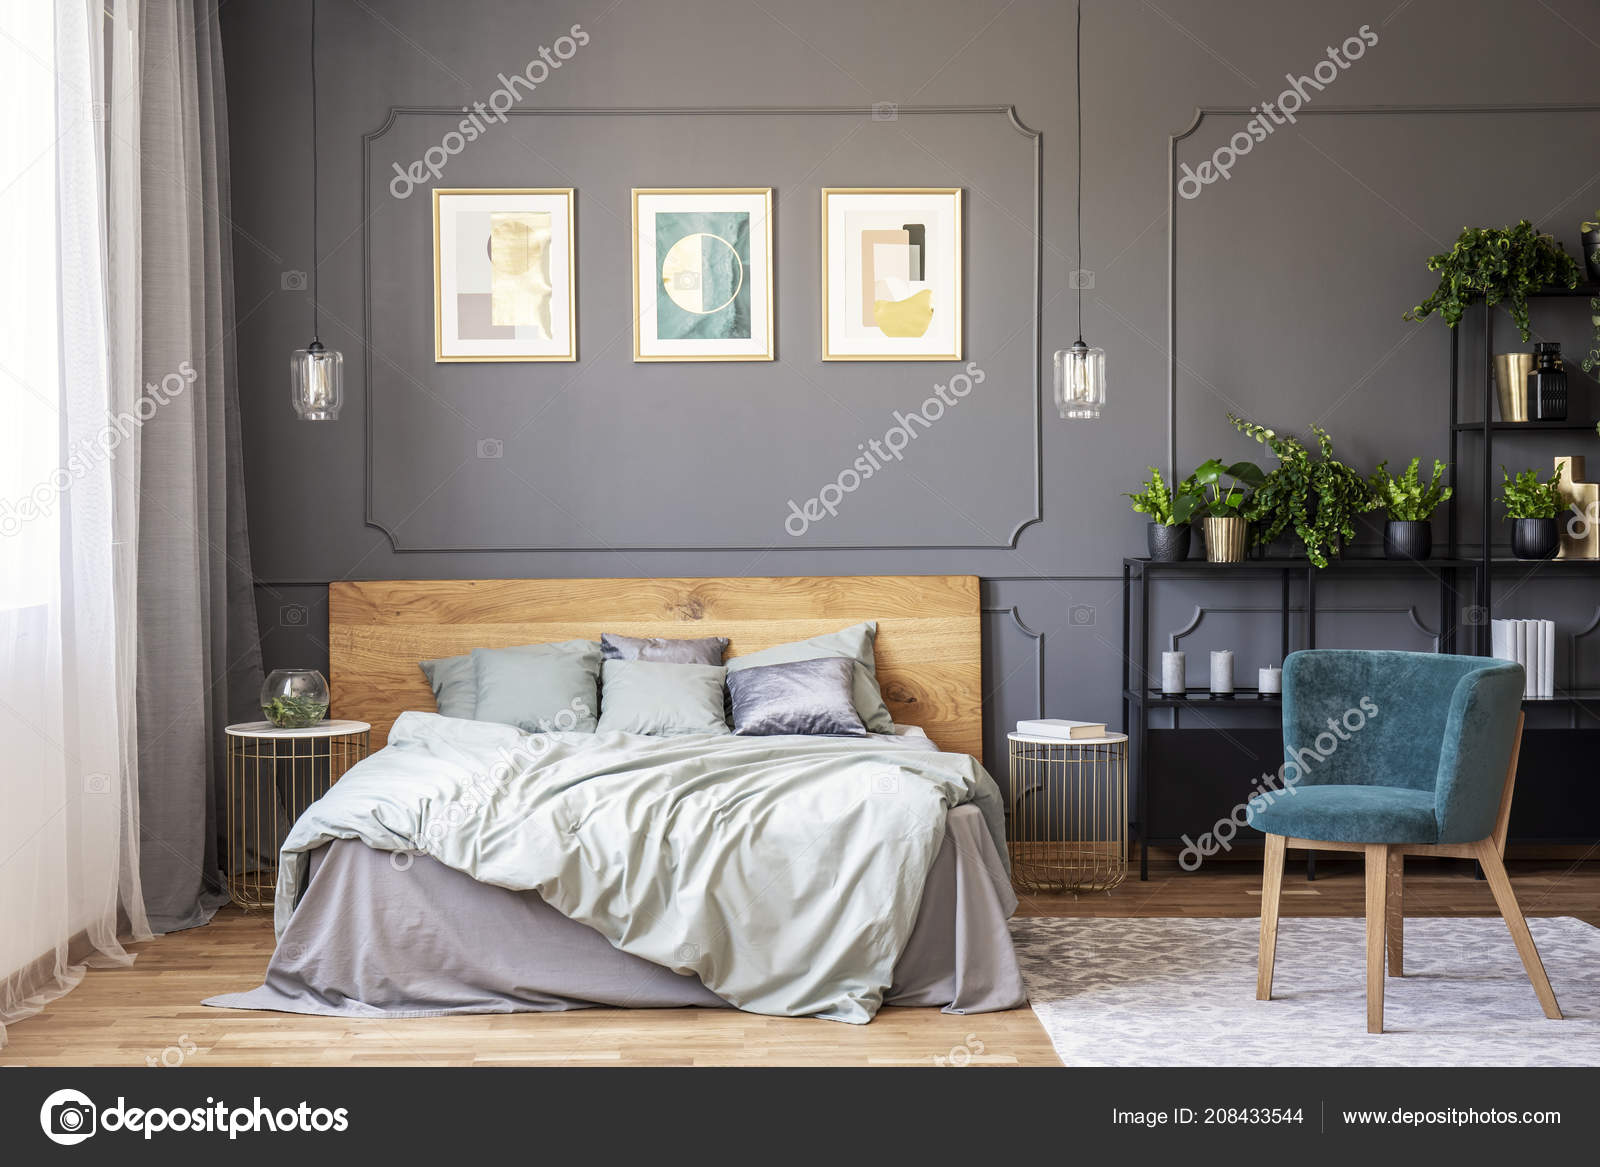 Double Bed Grey Bedding Wooden Headboard Standing Dark Bedroom